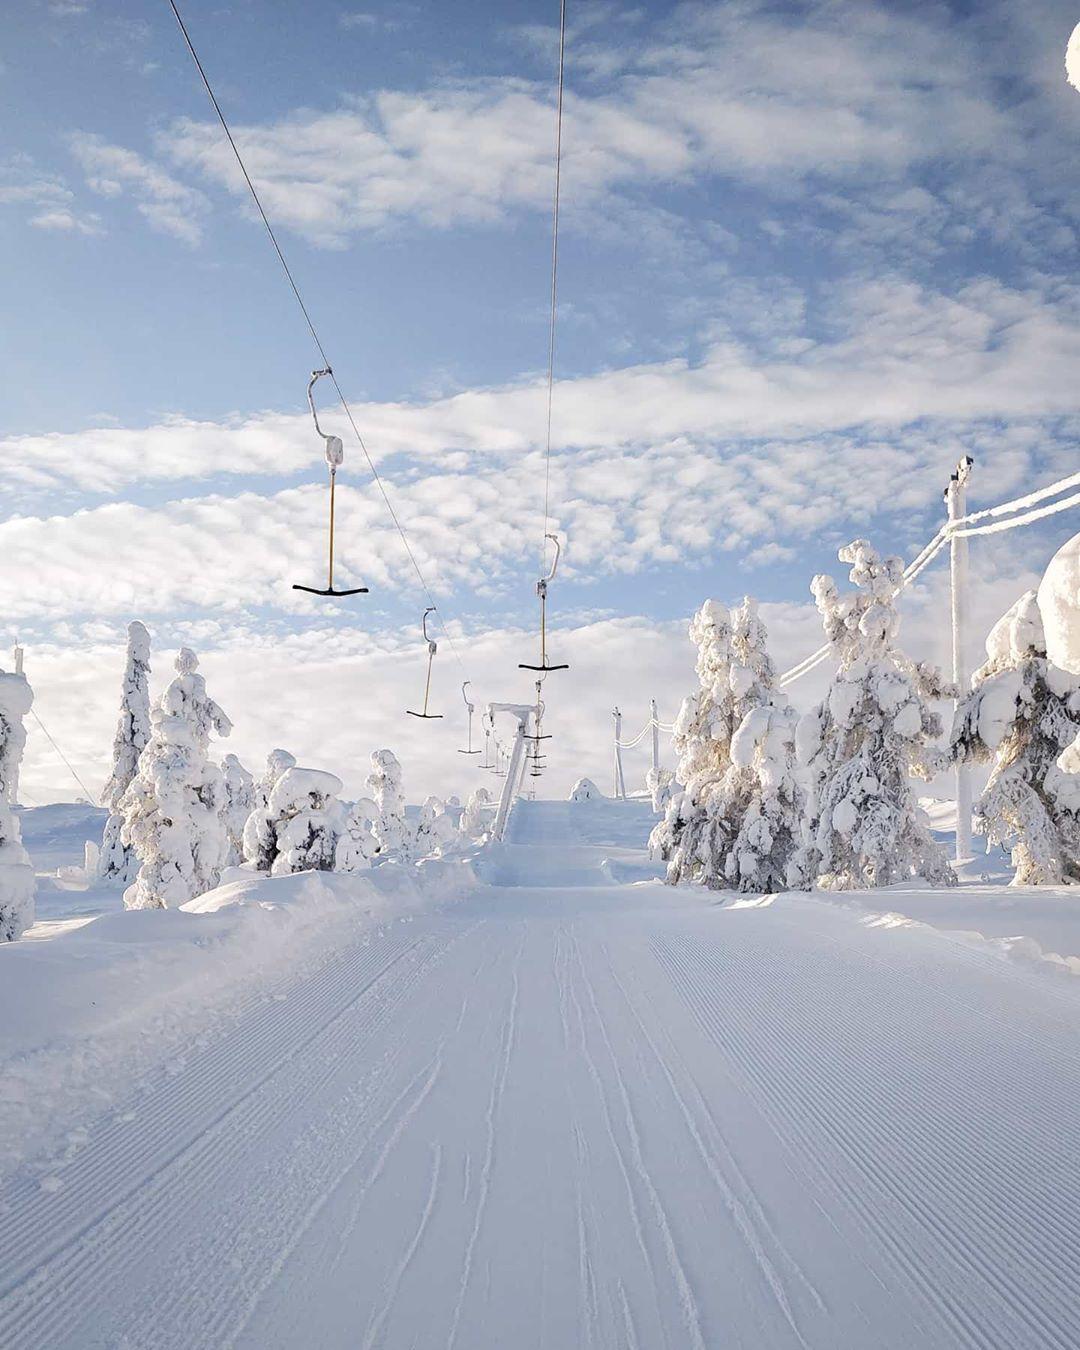 Iida aletta ski instructor in Salla Lapland Finland Winter landscape in Fnnish Lapland - Visit Lapland blog